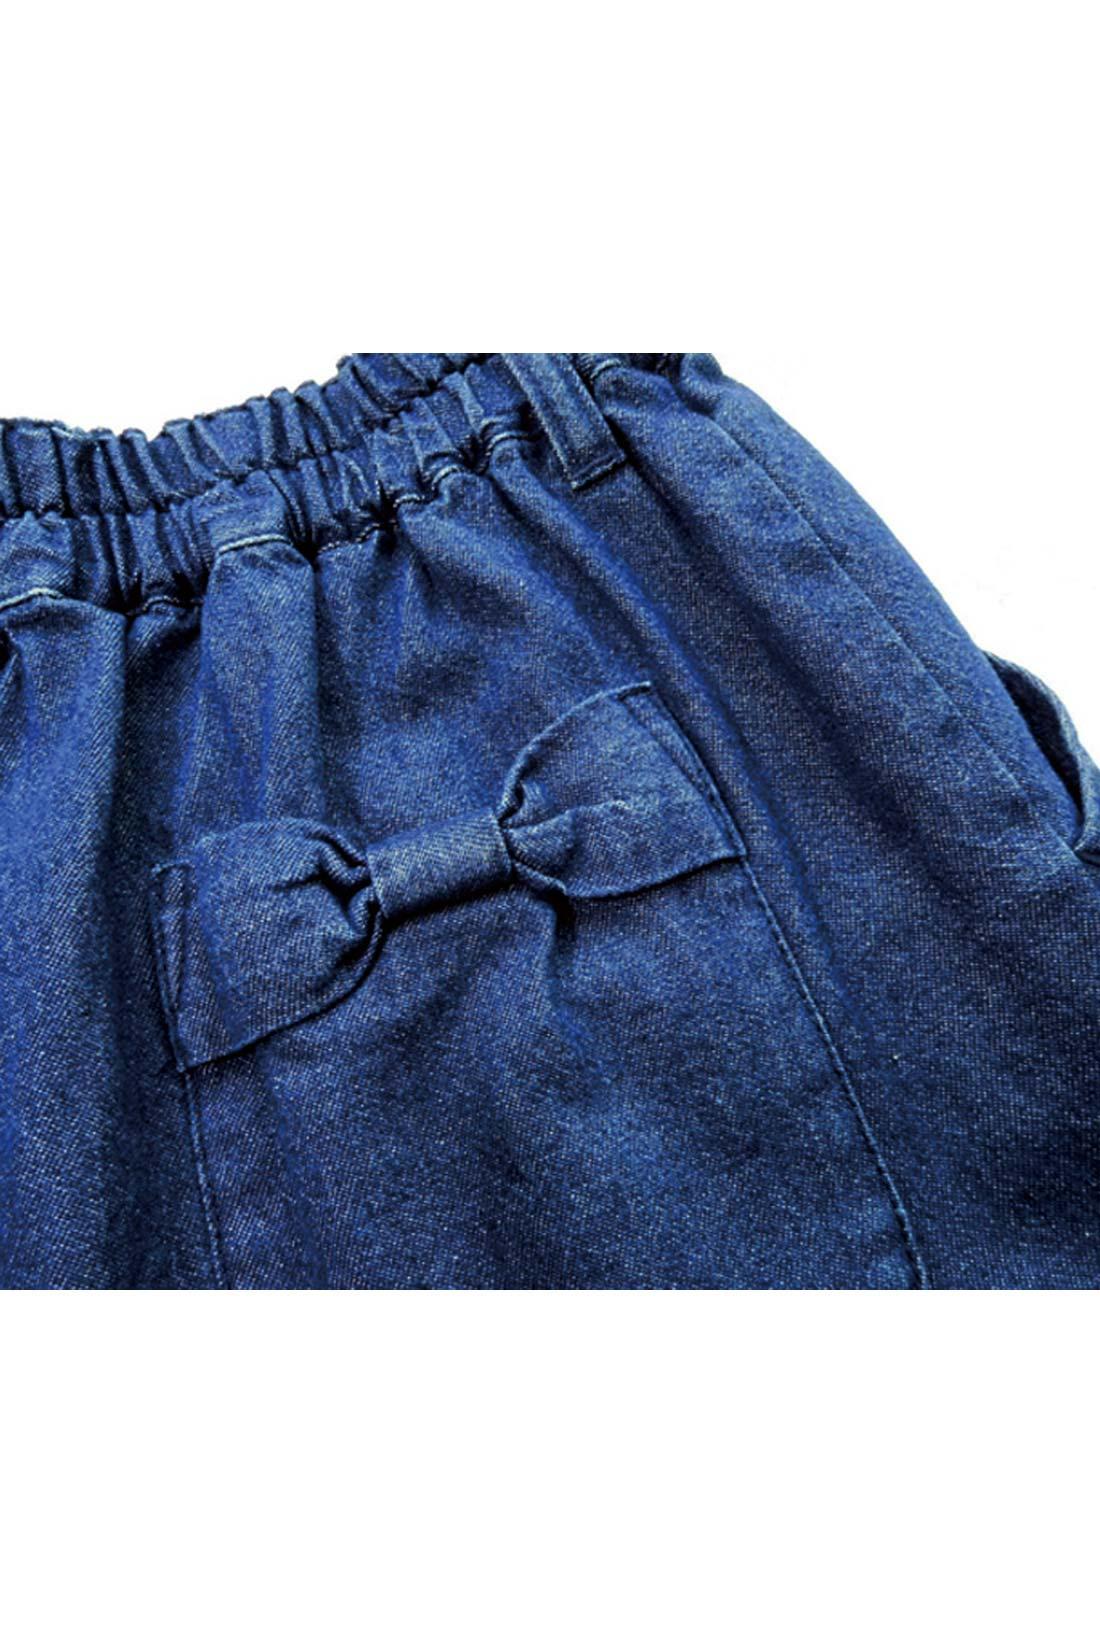 後ろポケットのリボンがアクセントに。 ※お届けするカラーとは異なります。